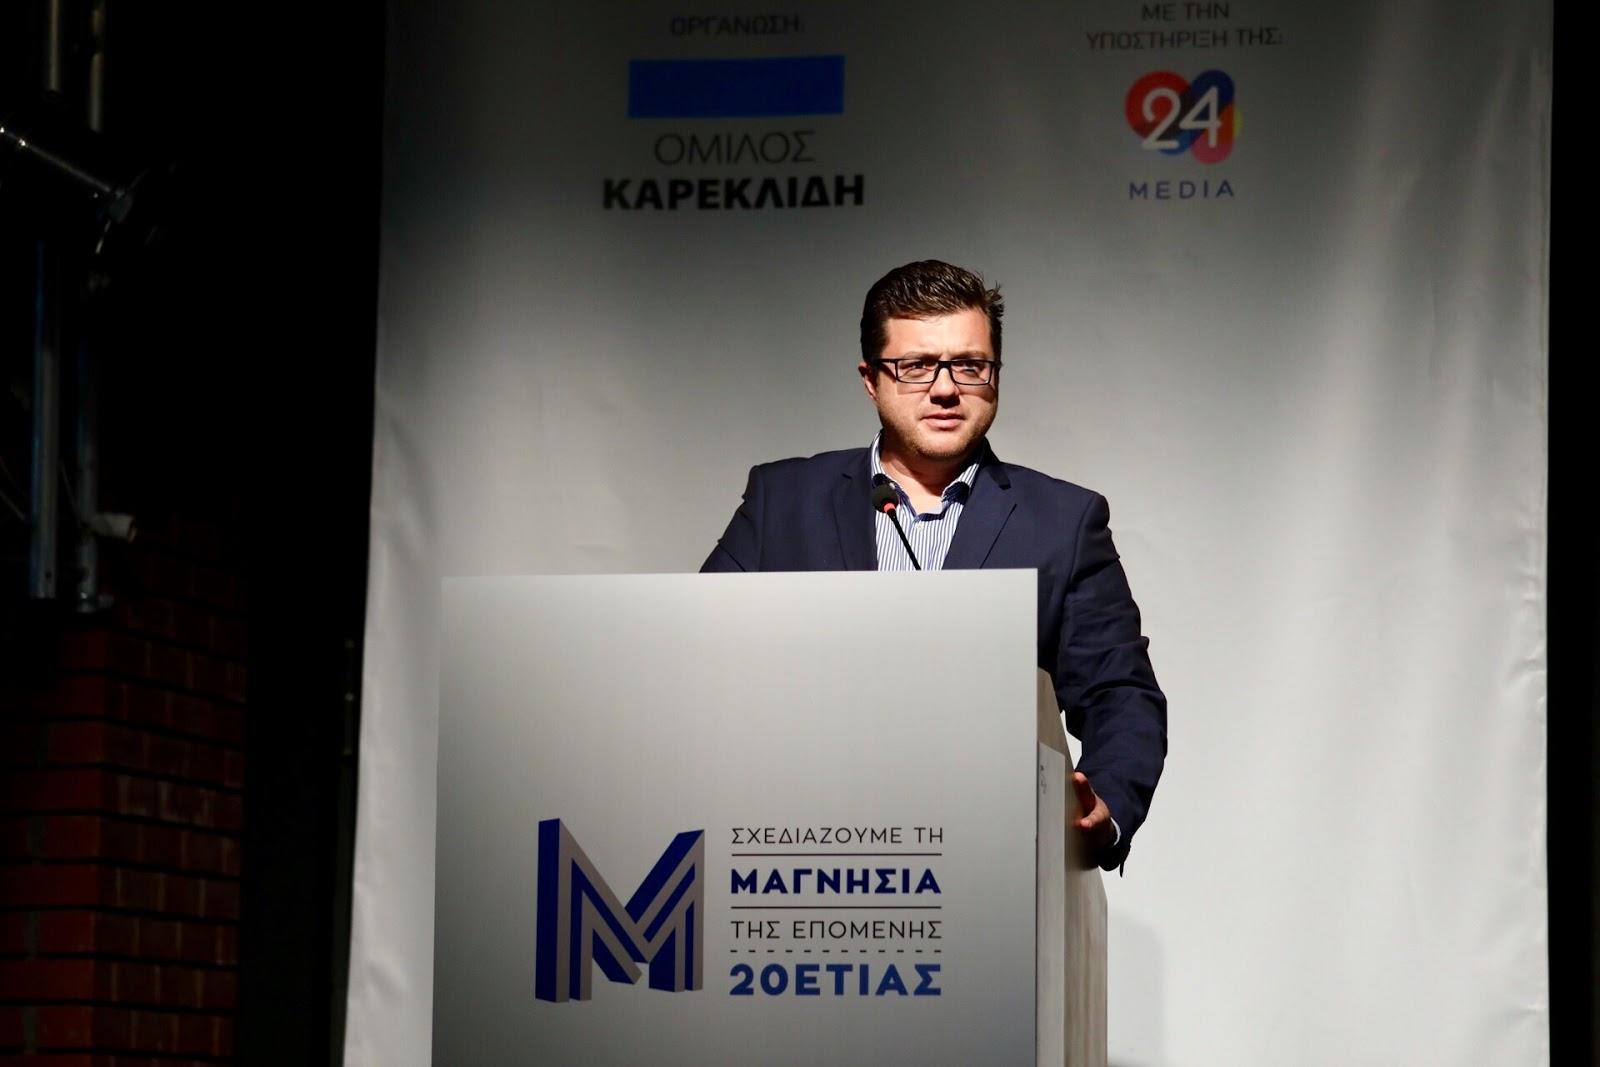 Ο πρόεδρος τη e-trikala Γ. Κωτούλας, ομιλητής στο 3ο αναπτυξιακό συνέδριο Μαγνησίας